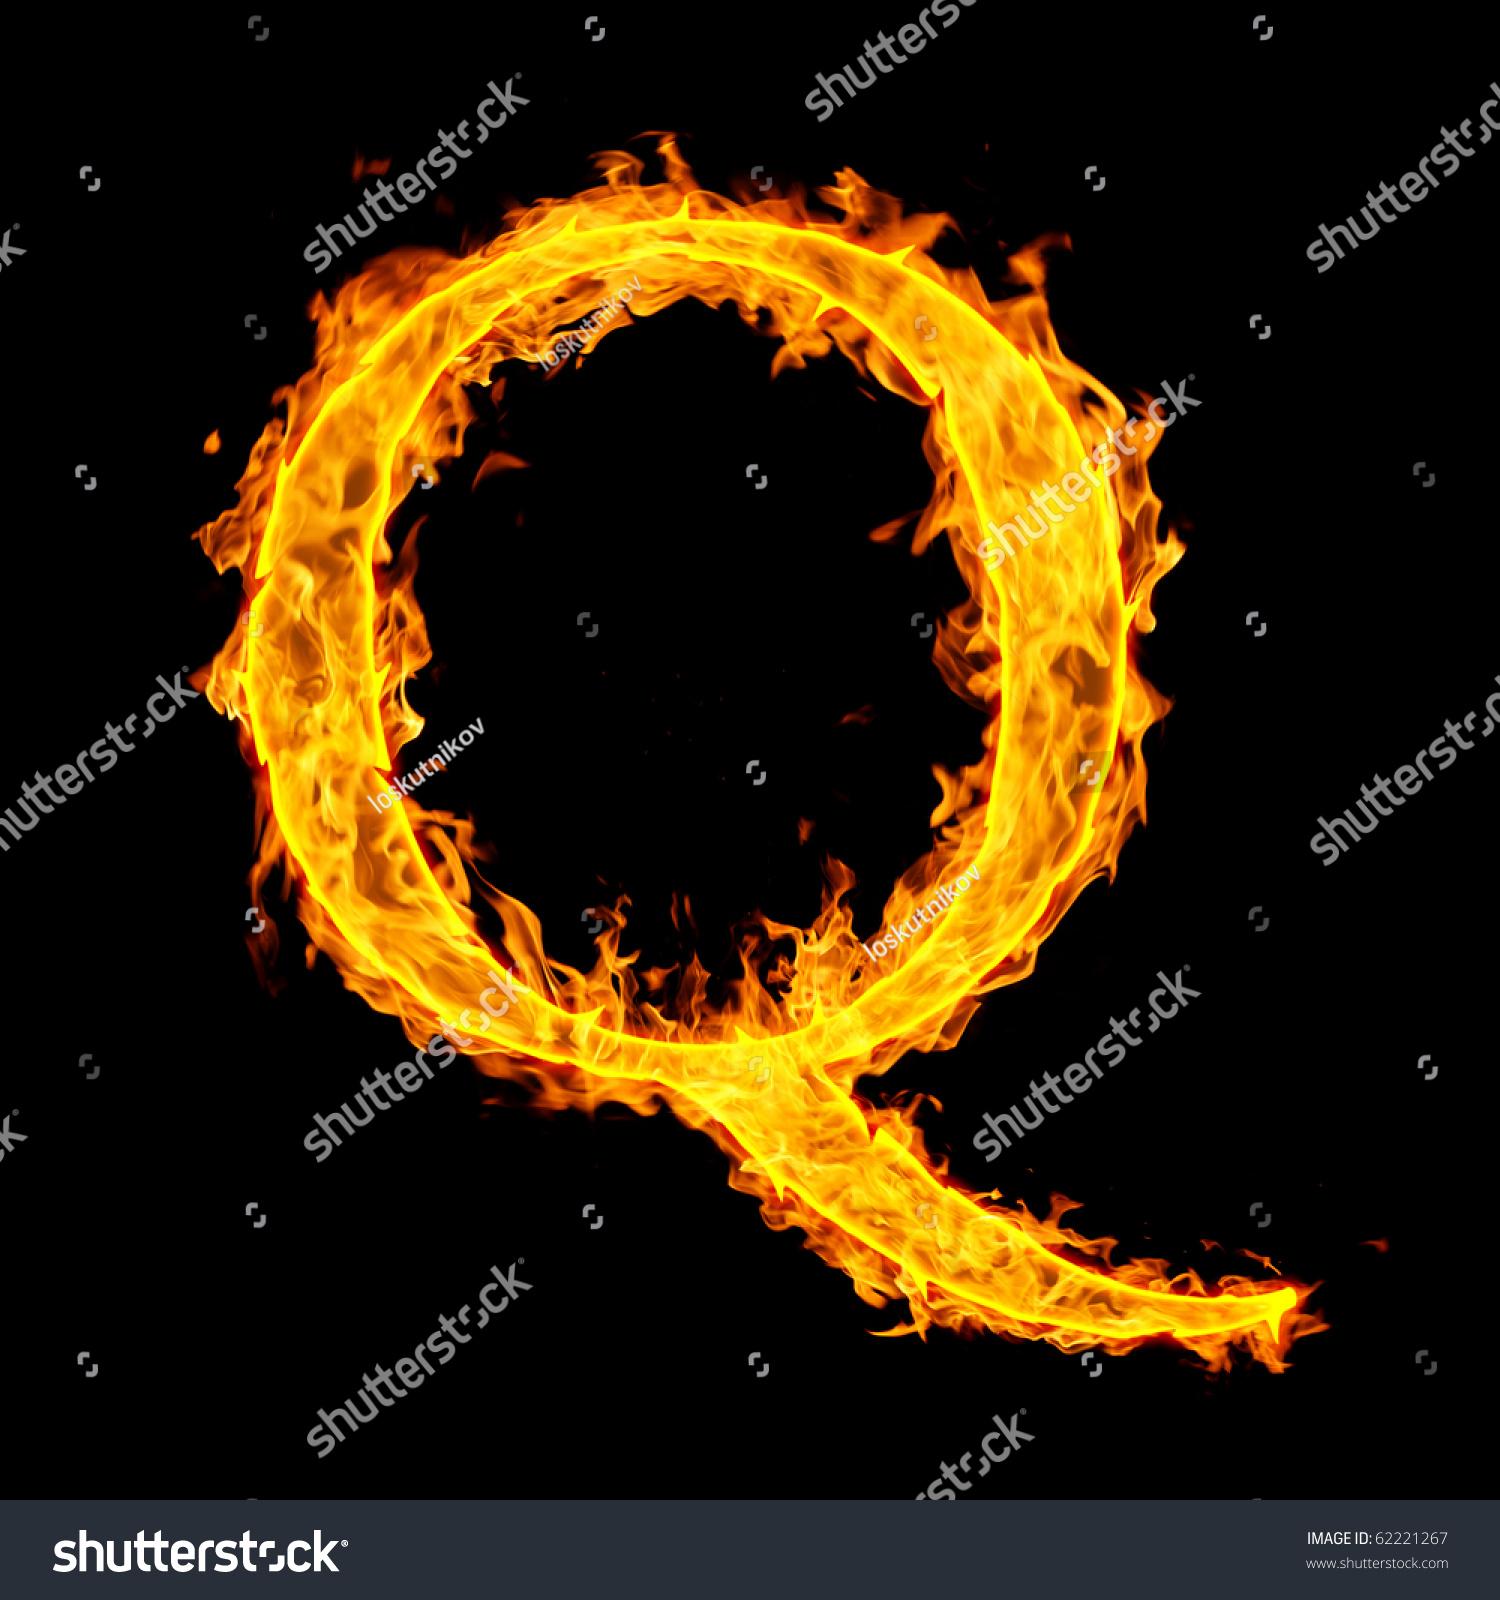 Burning letter q